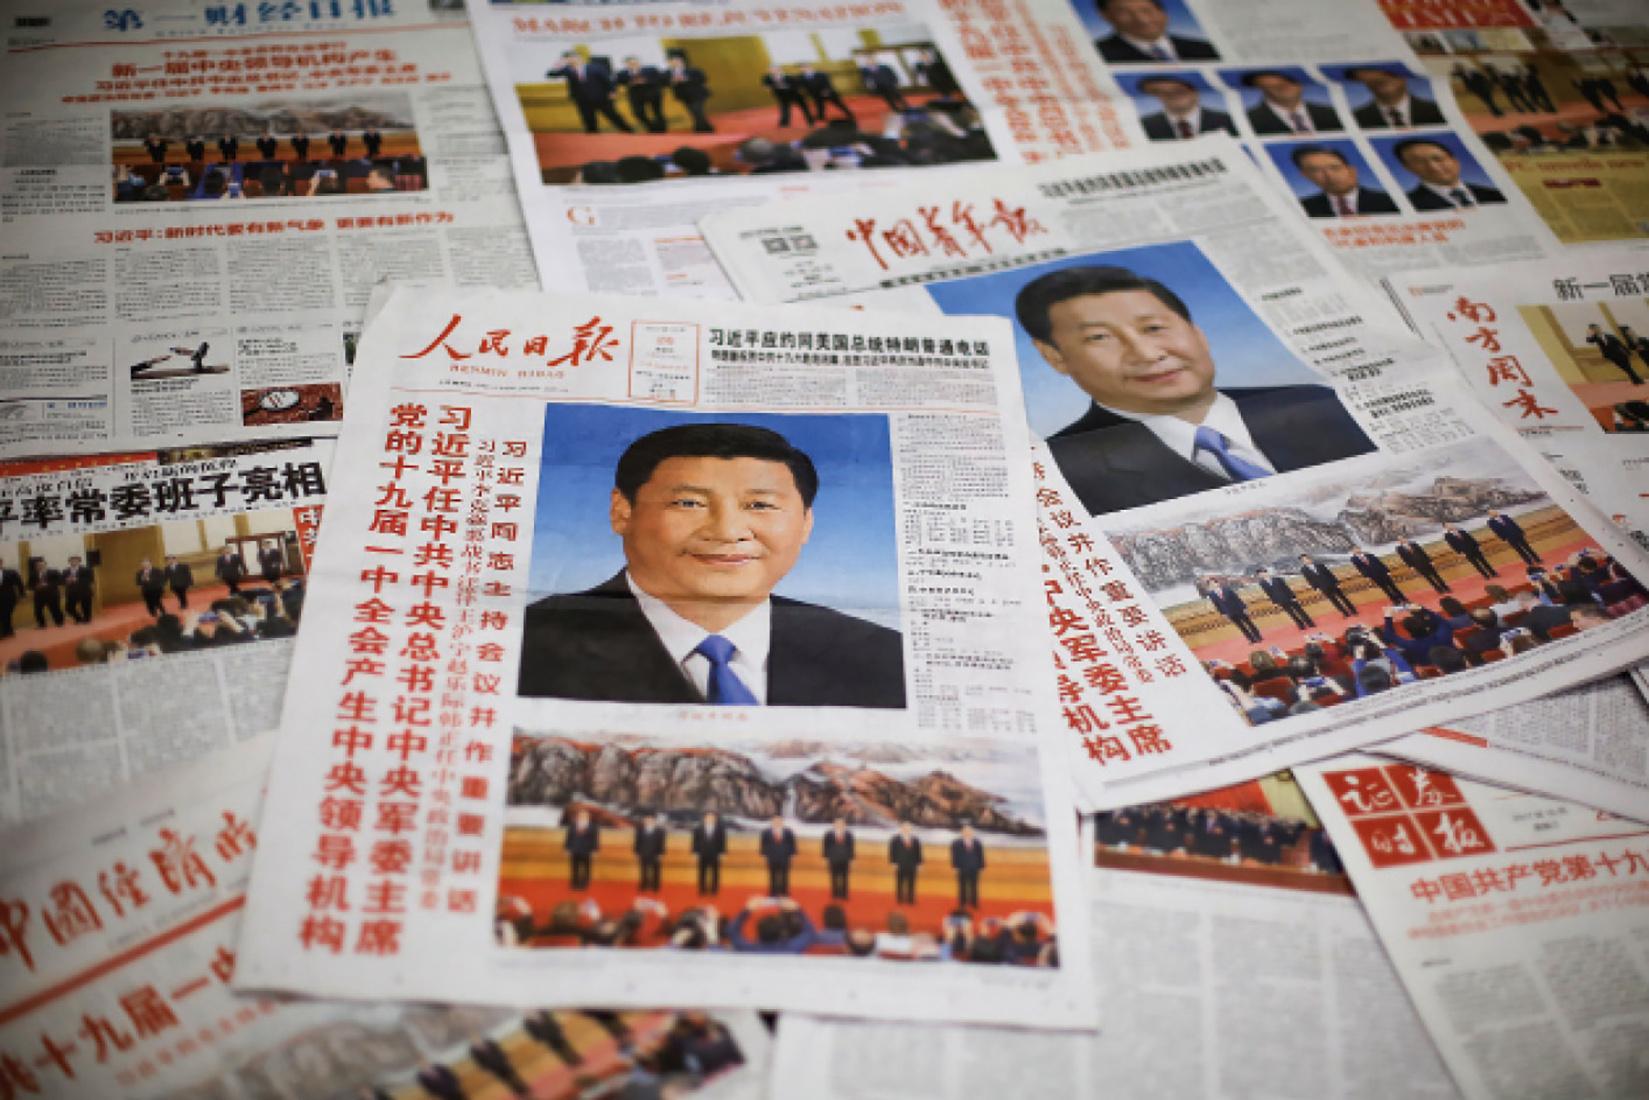 10月26日大陆官媒《人民日报》头版大幅刊登了「习近平同志」的照片。